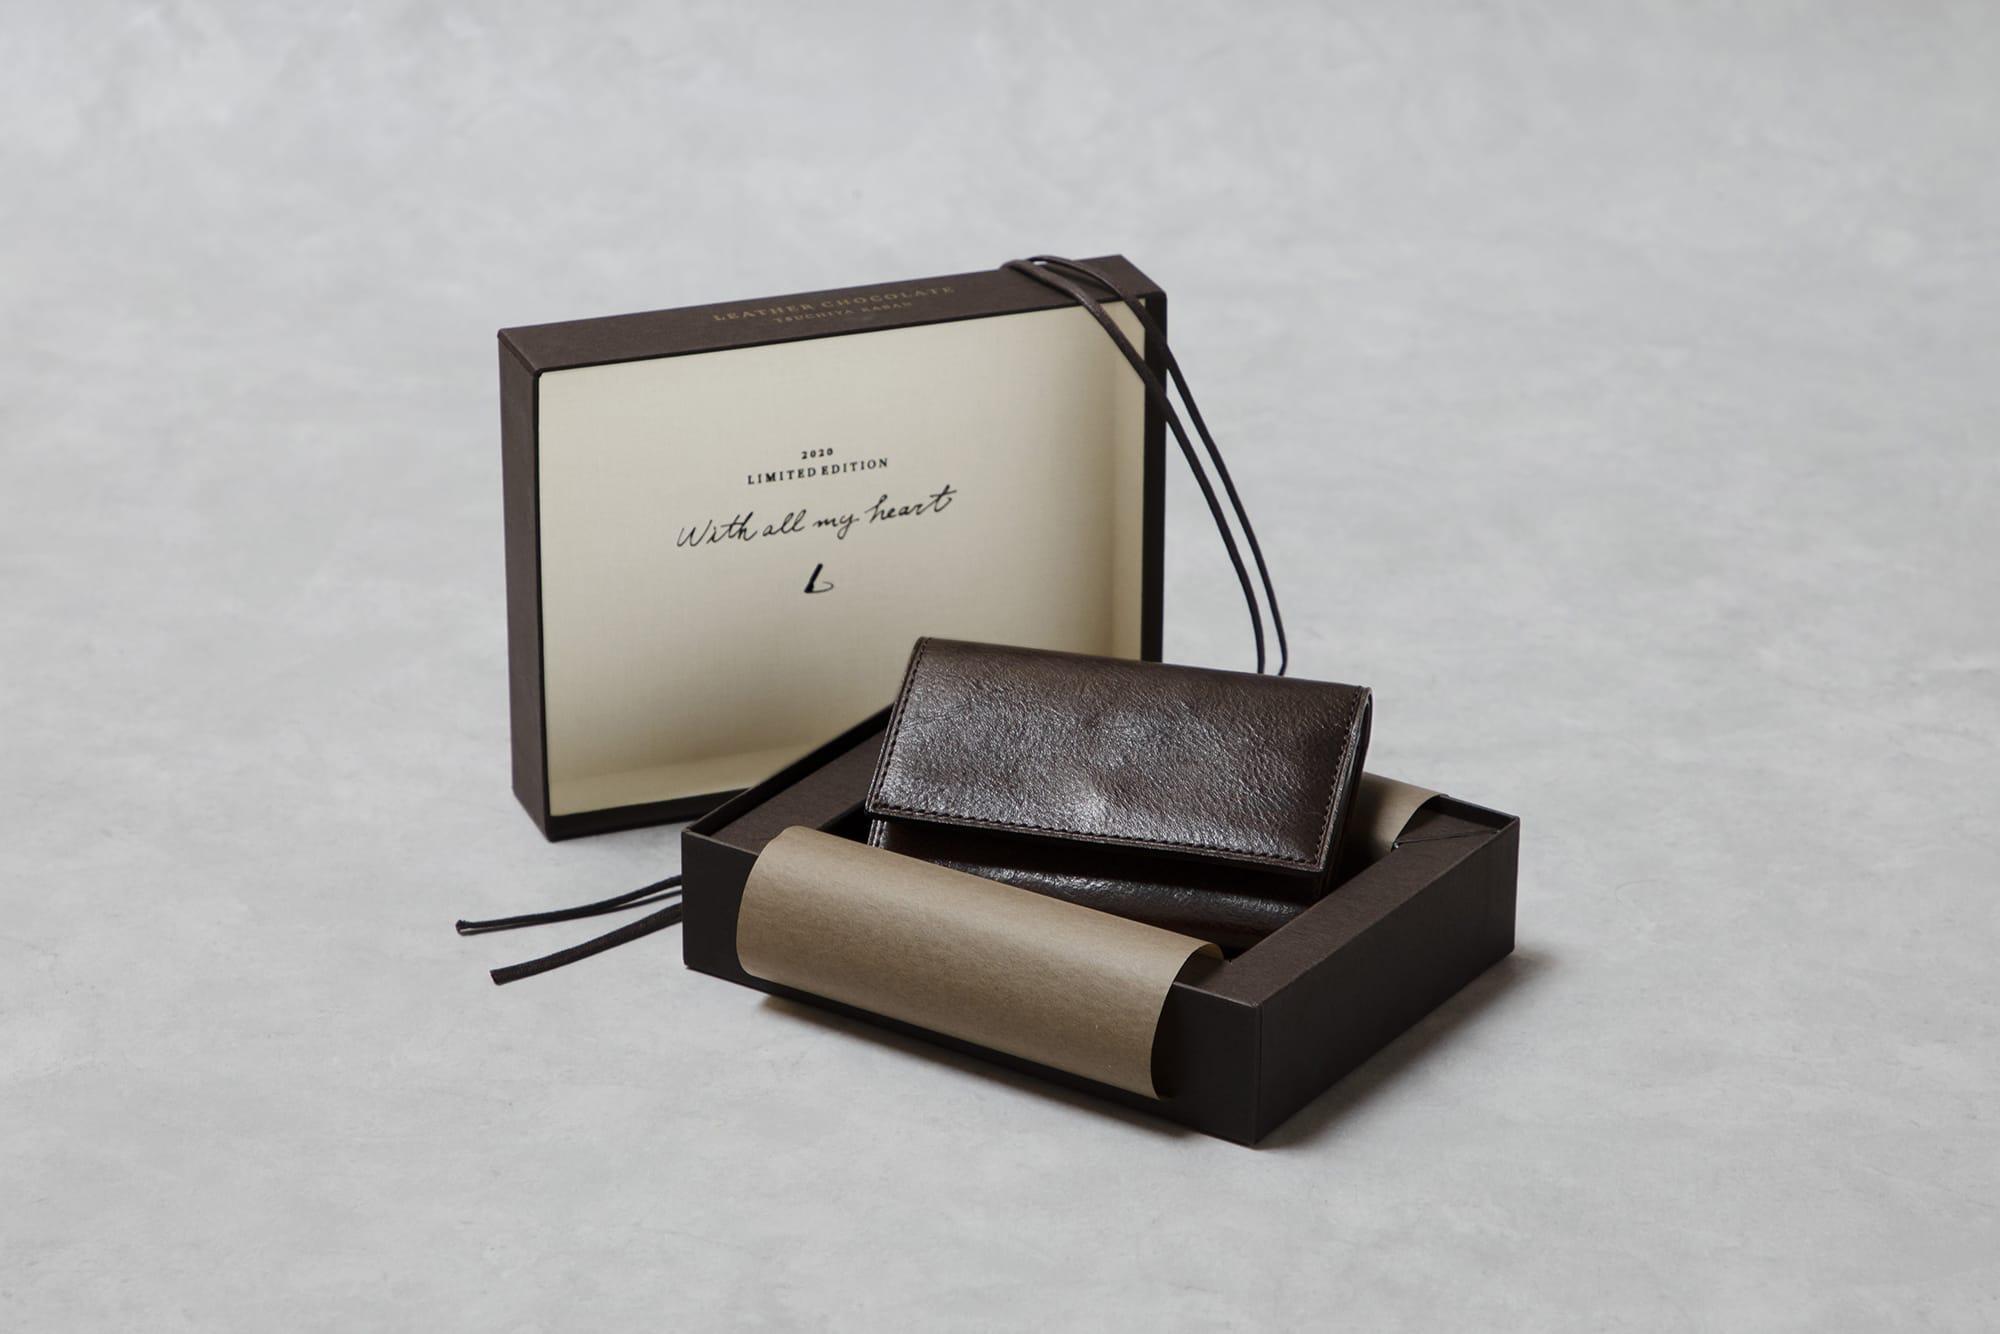 チョコレート色のレザーキーケースが、本物のチョコレートのパッケージのようなギフトボックスに収められている。